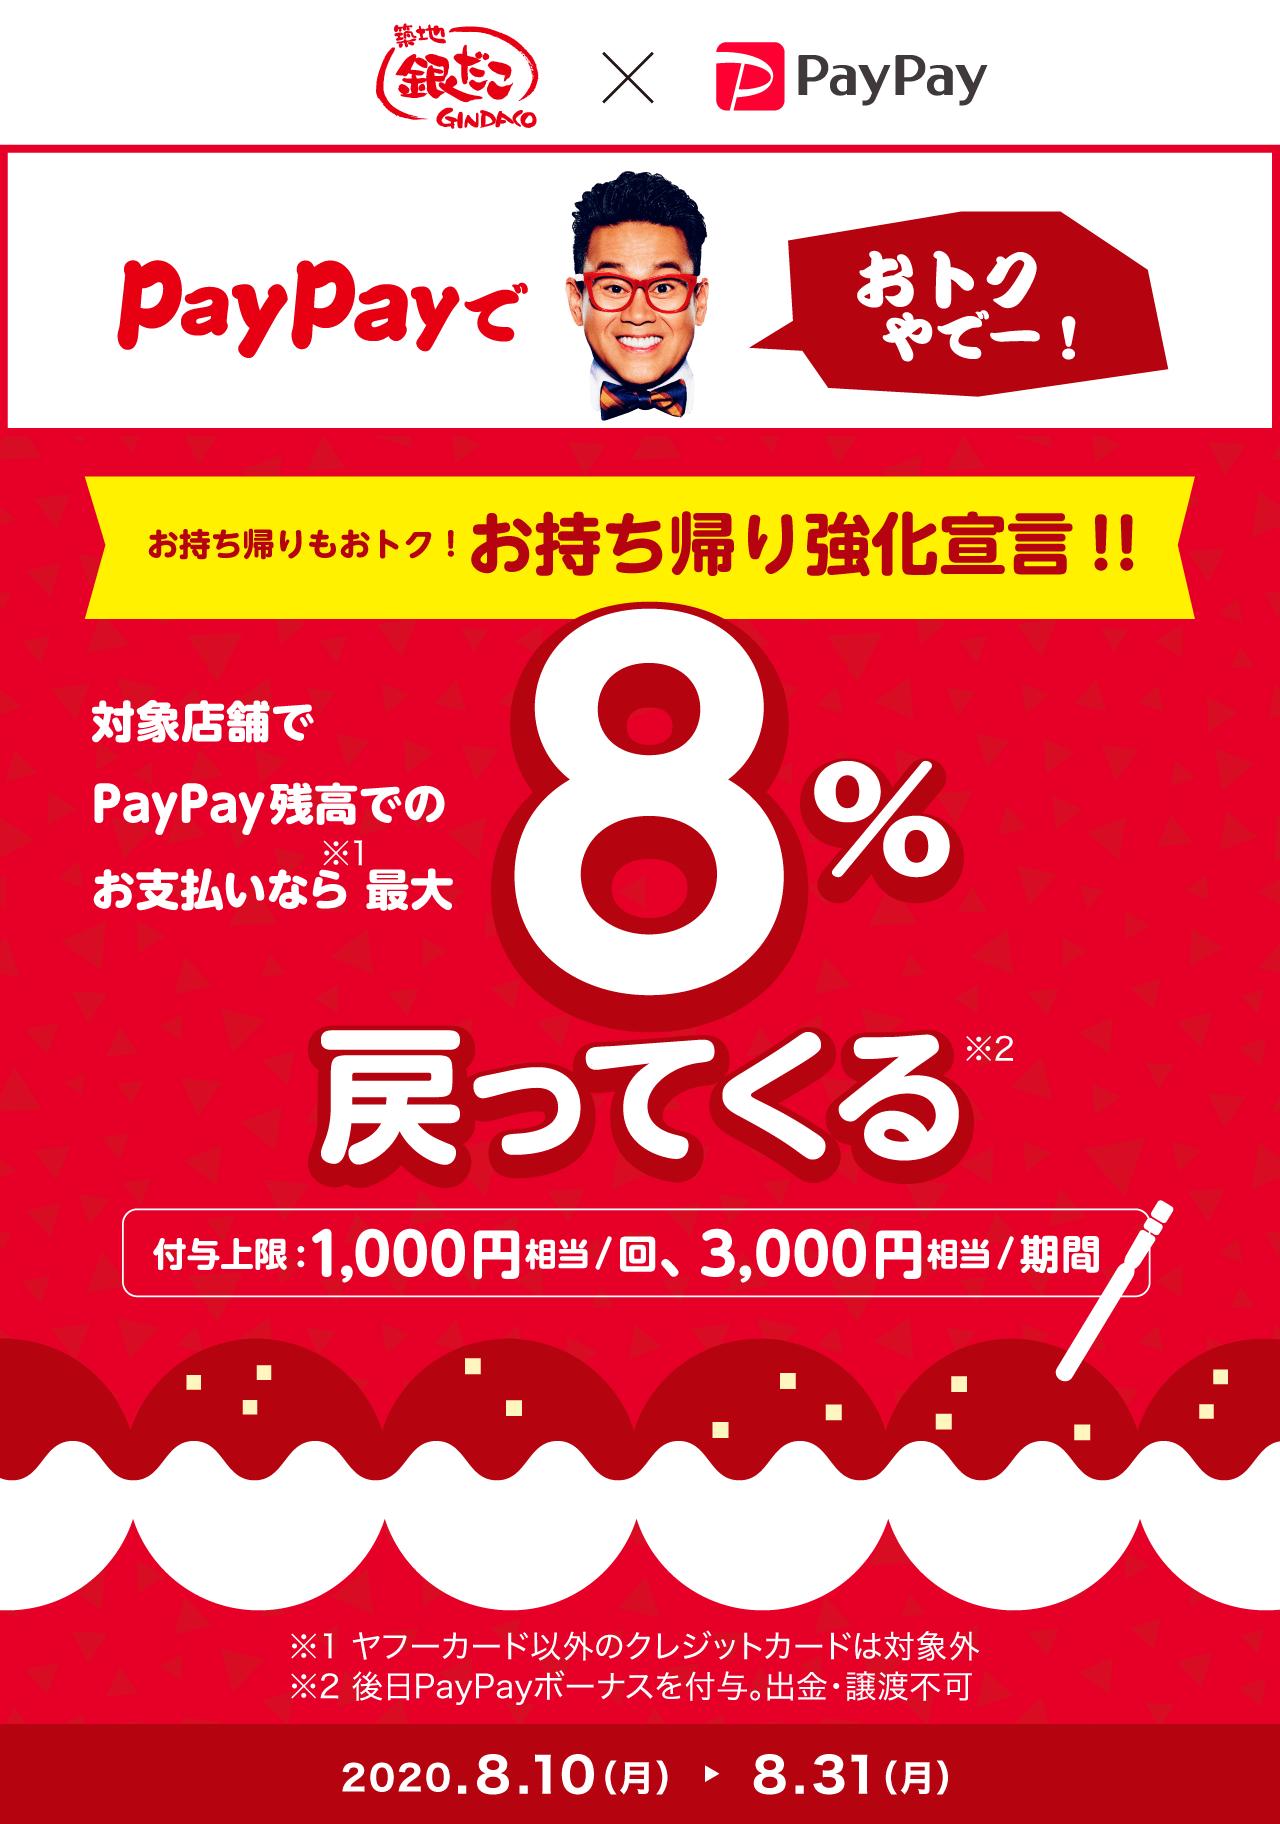 築地銀だこがPayPayで8%バック。LINEで100円引きクーポン併用可能。~8/31。